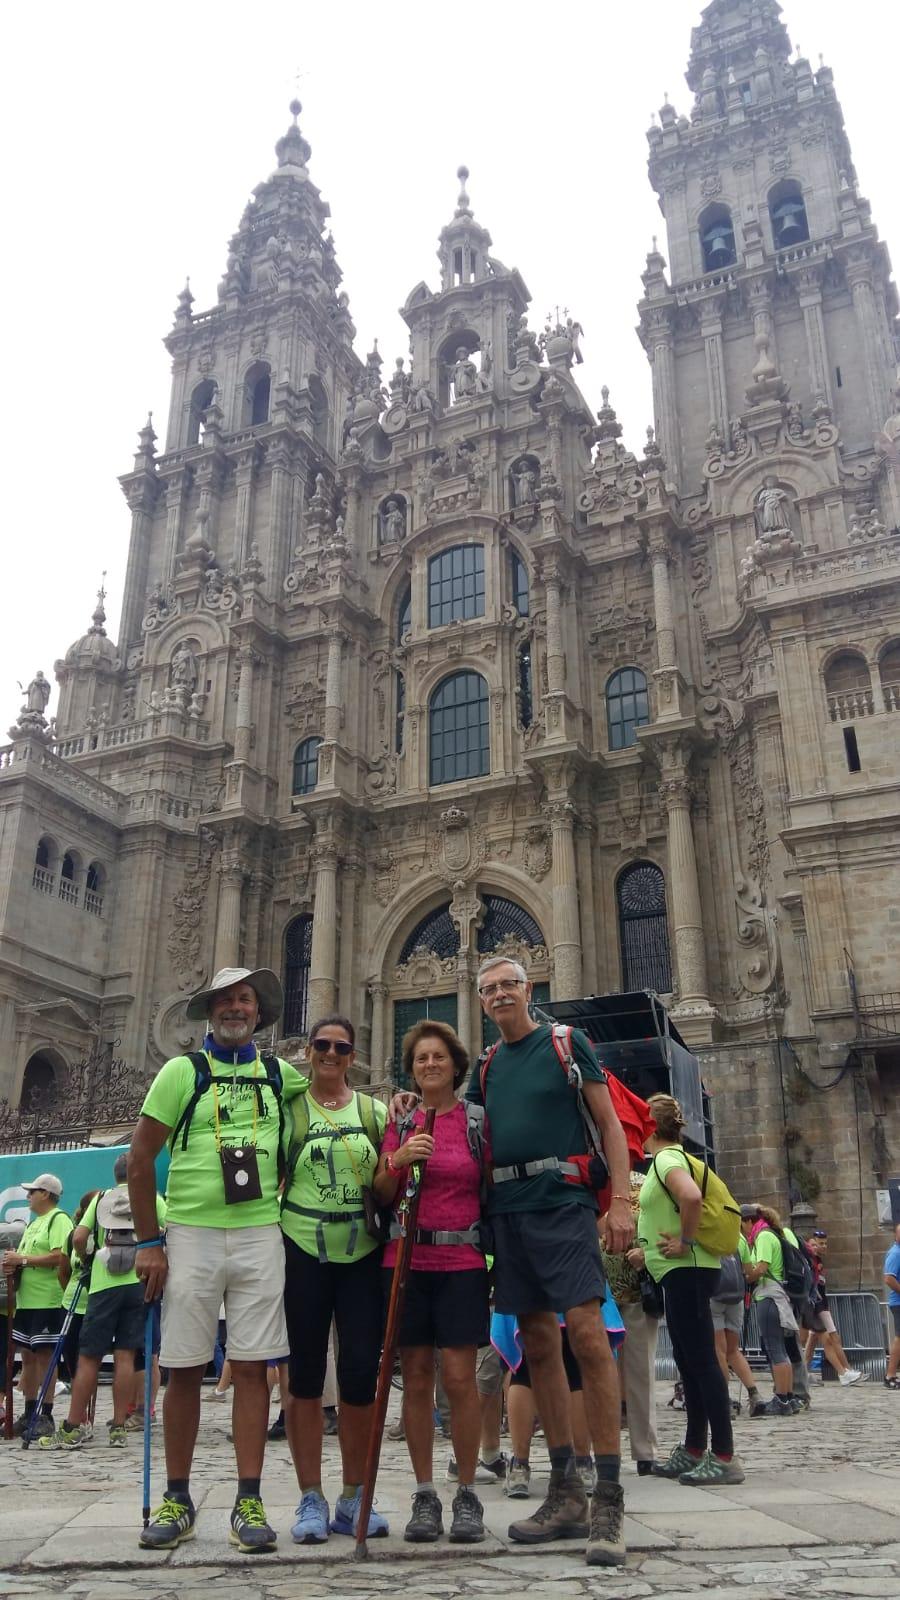 Nuestros compañeros Lorenzo, Toñi, Carmen y Herme  terminaron su Camino de peregrinación a Santiago de Compostela